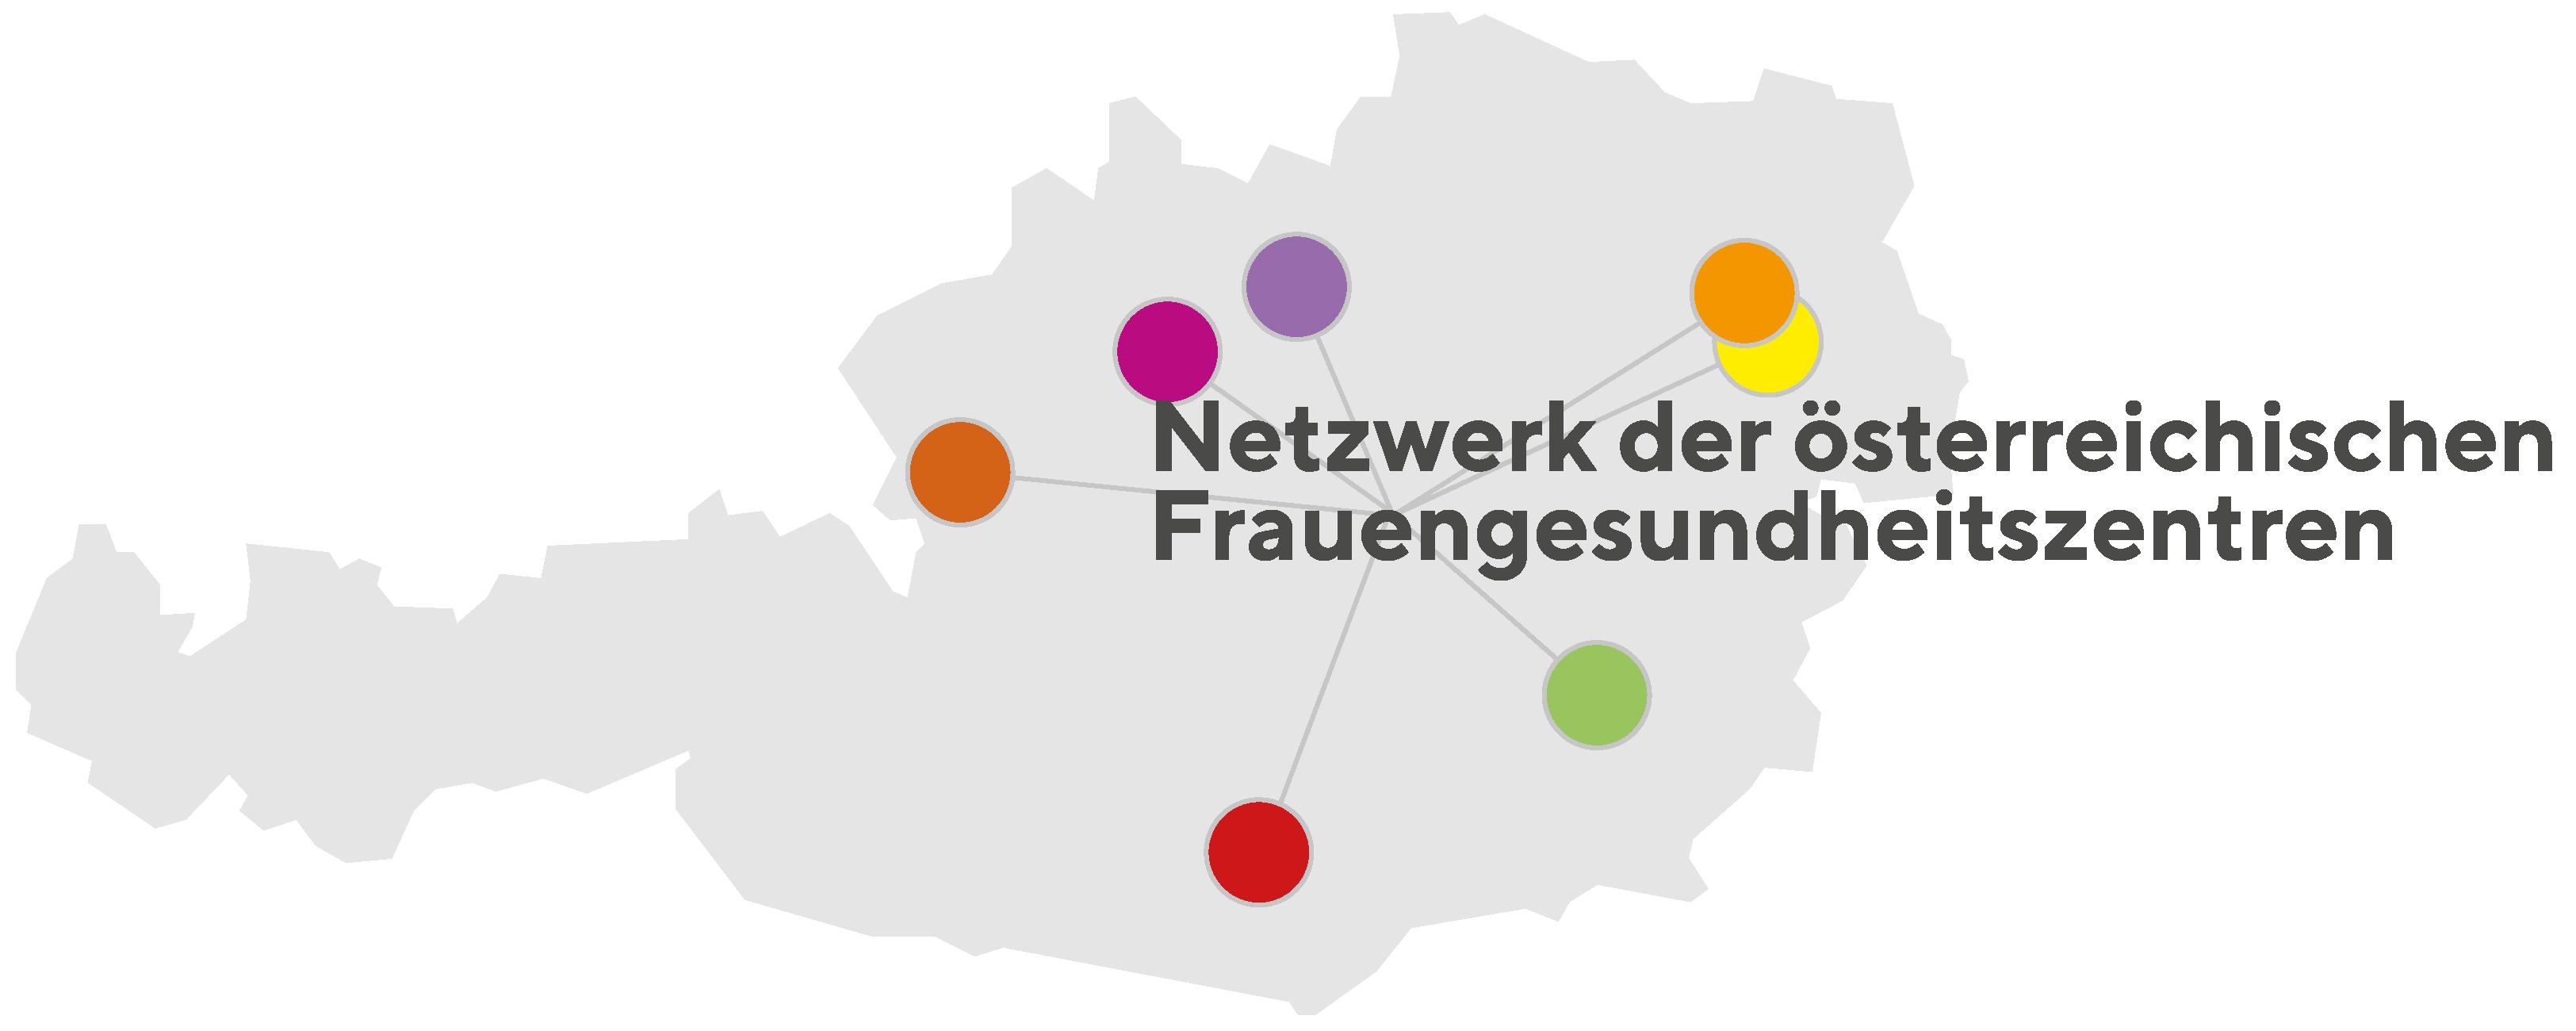 Netzwerk der österreichischen Frauengesundheitszentren